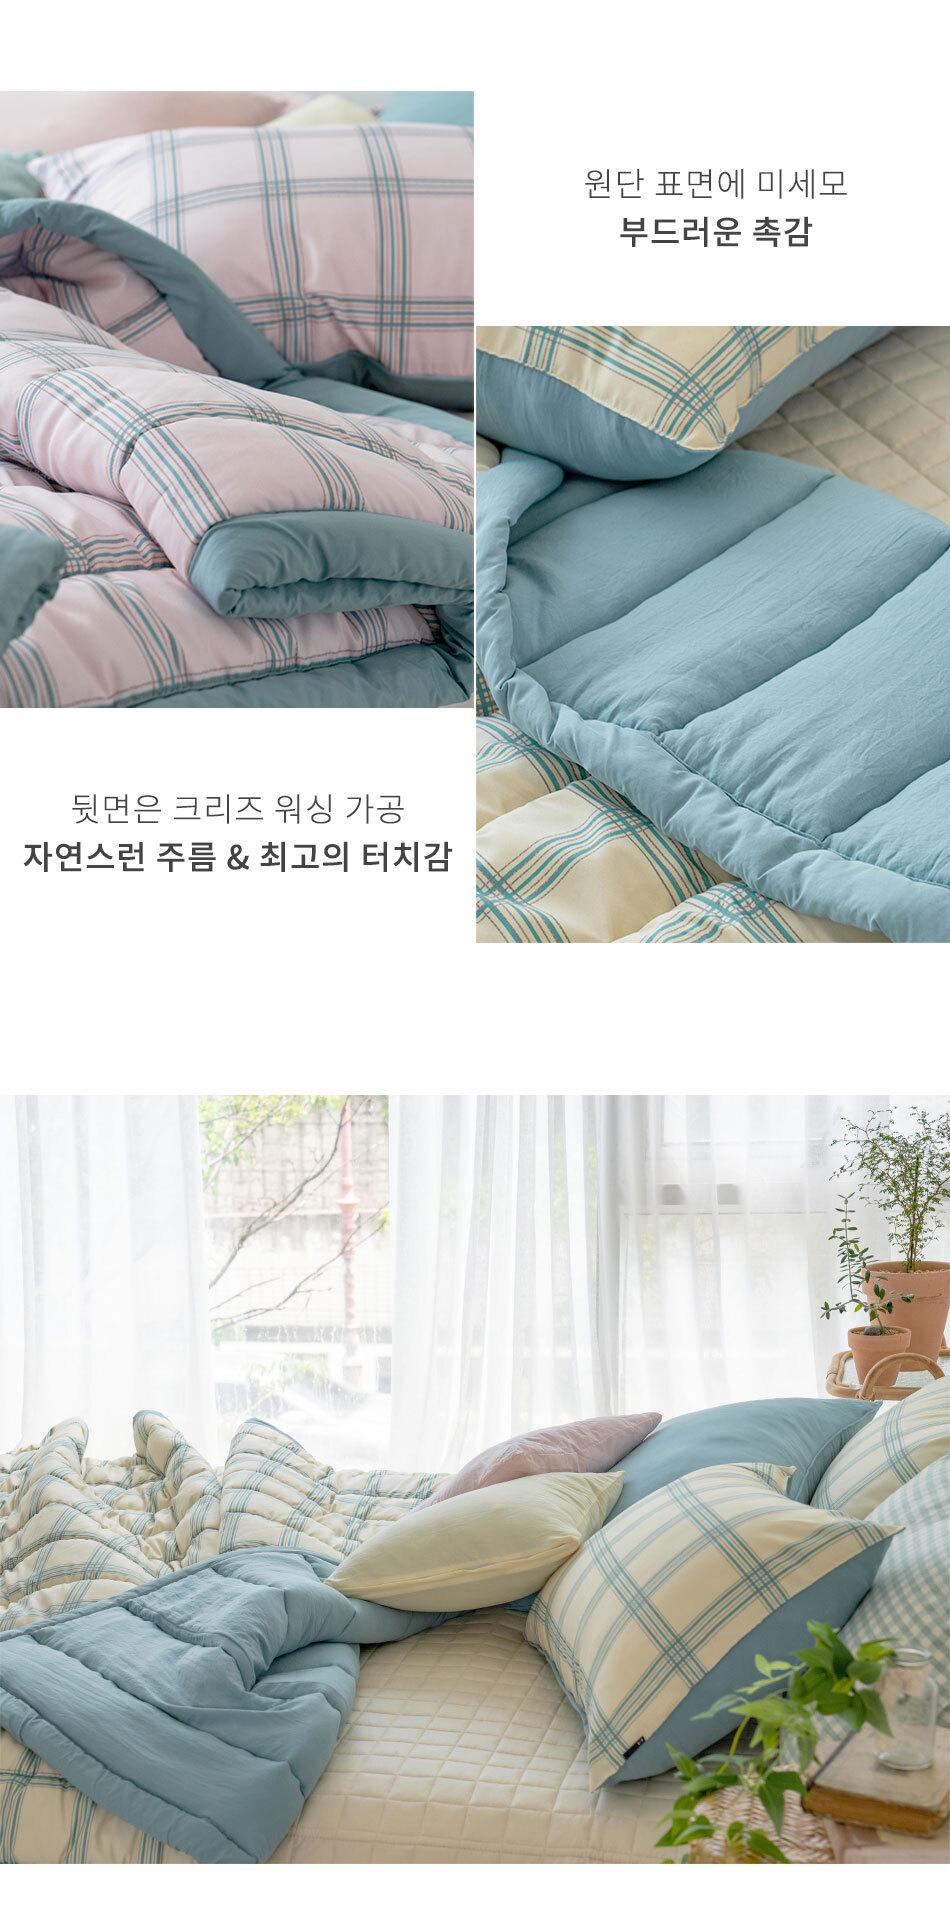 nana_bed_03.jpg